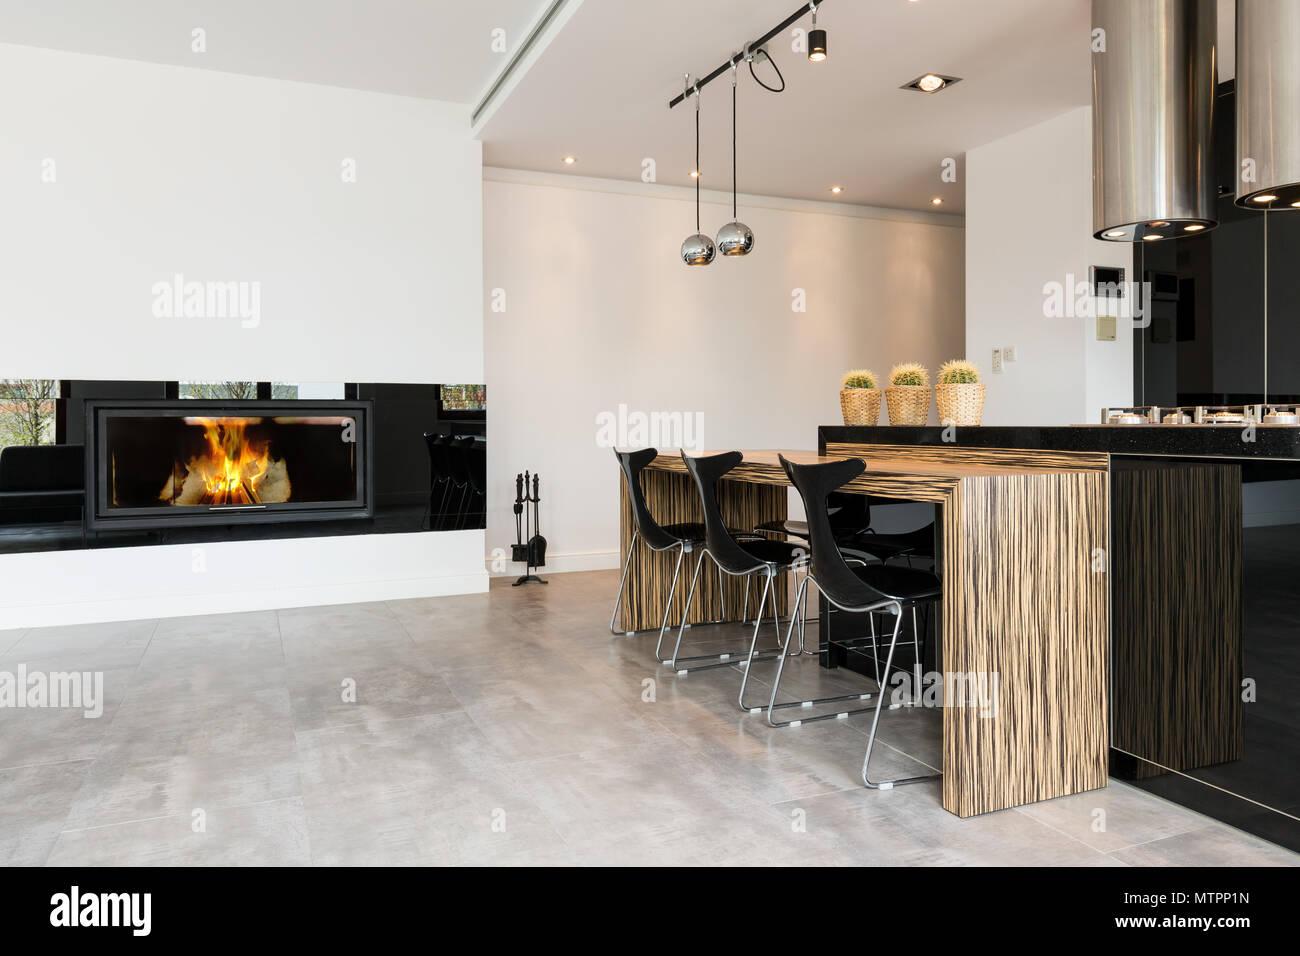 Caminetti In Cucina Moderna : Moderno nero cucina aperto e spazioso salone con caminetto foto